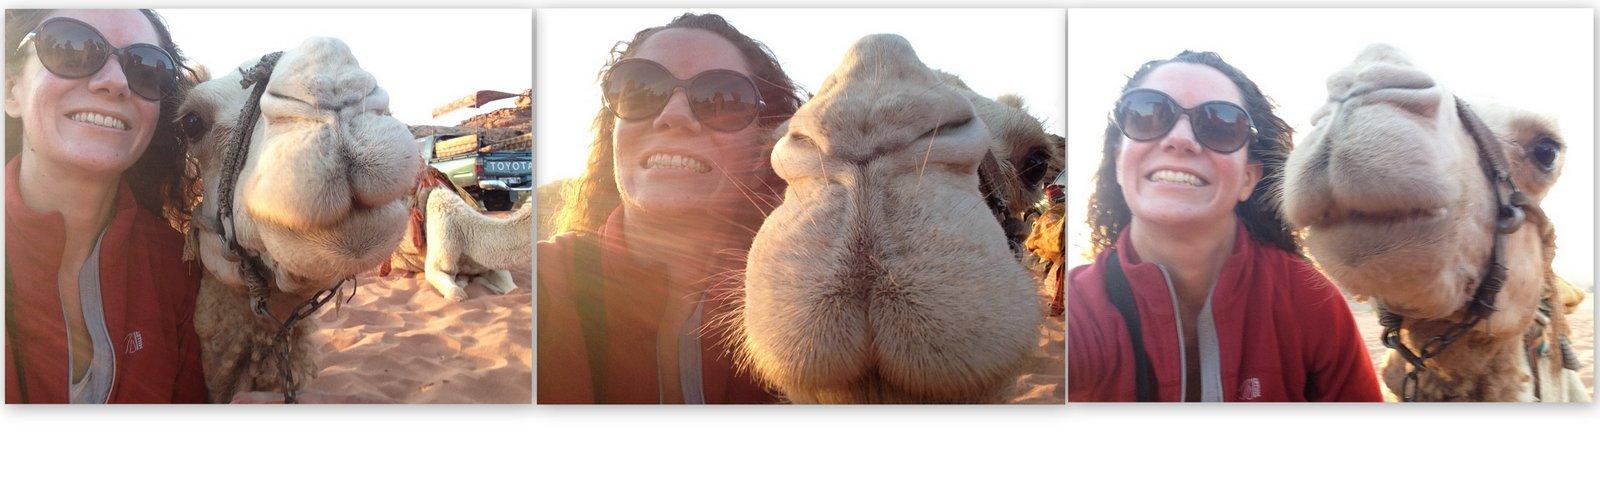 toma un selfie camello jordan